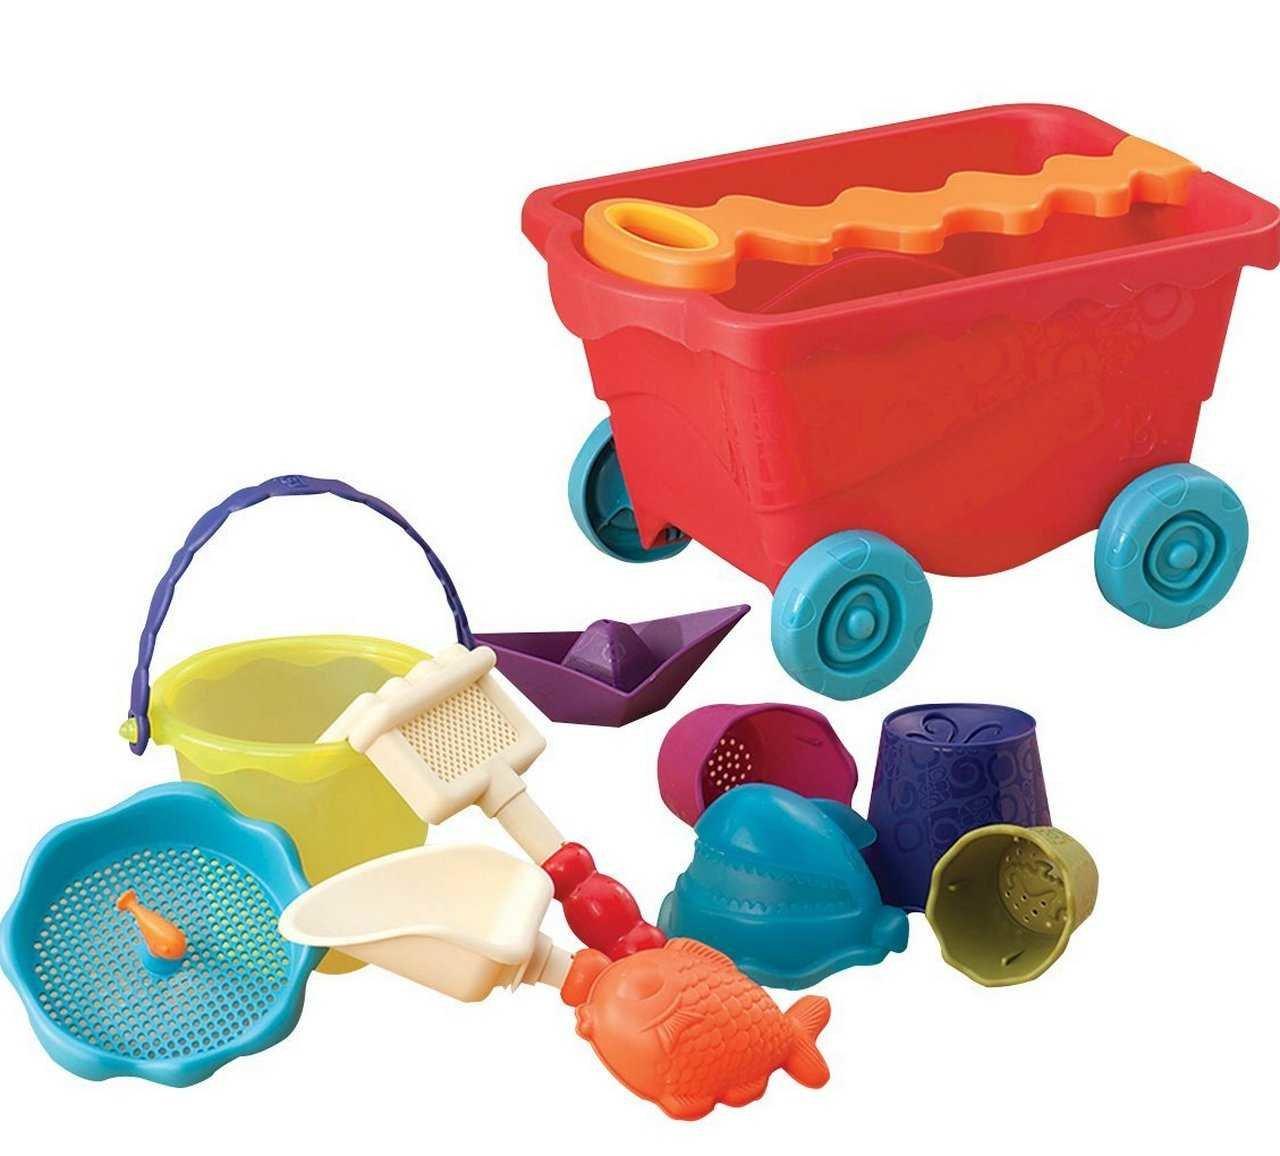 BX1594Z Набор для игры с песком и водой Battat Тележка Манго 11 предметов